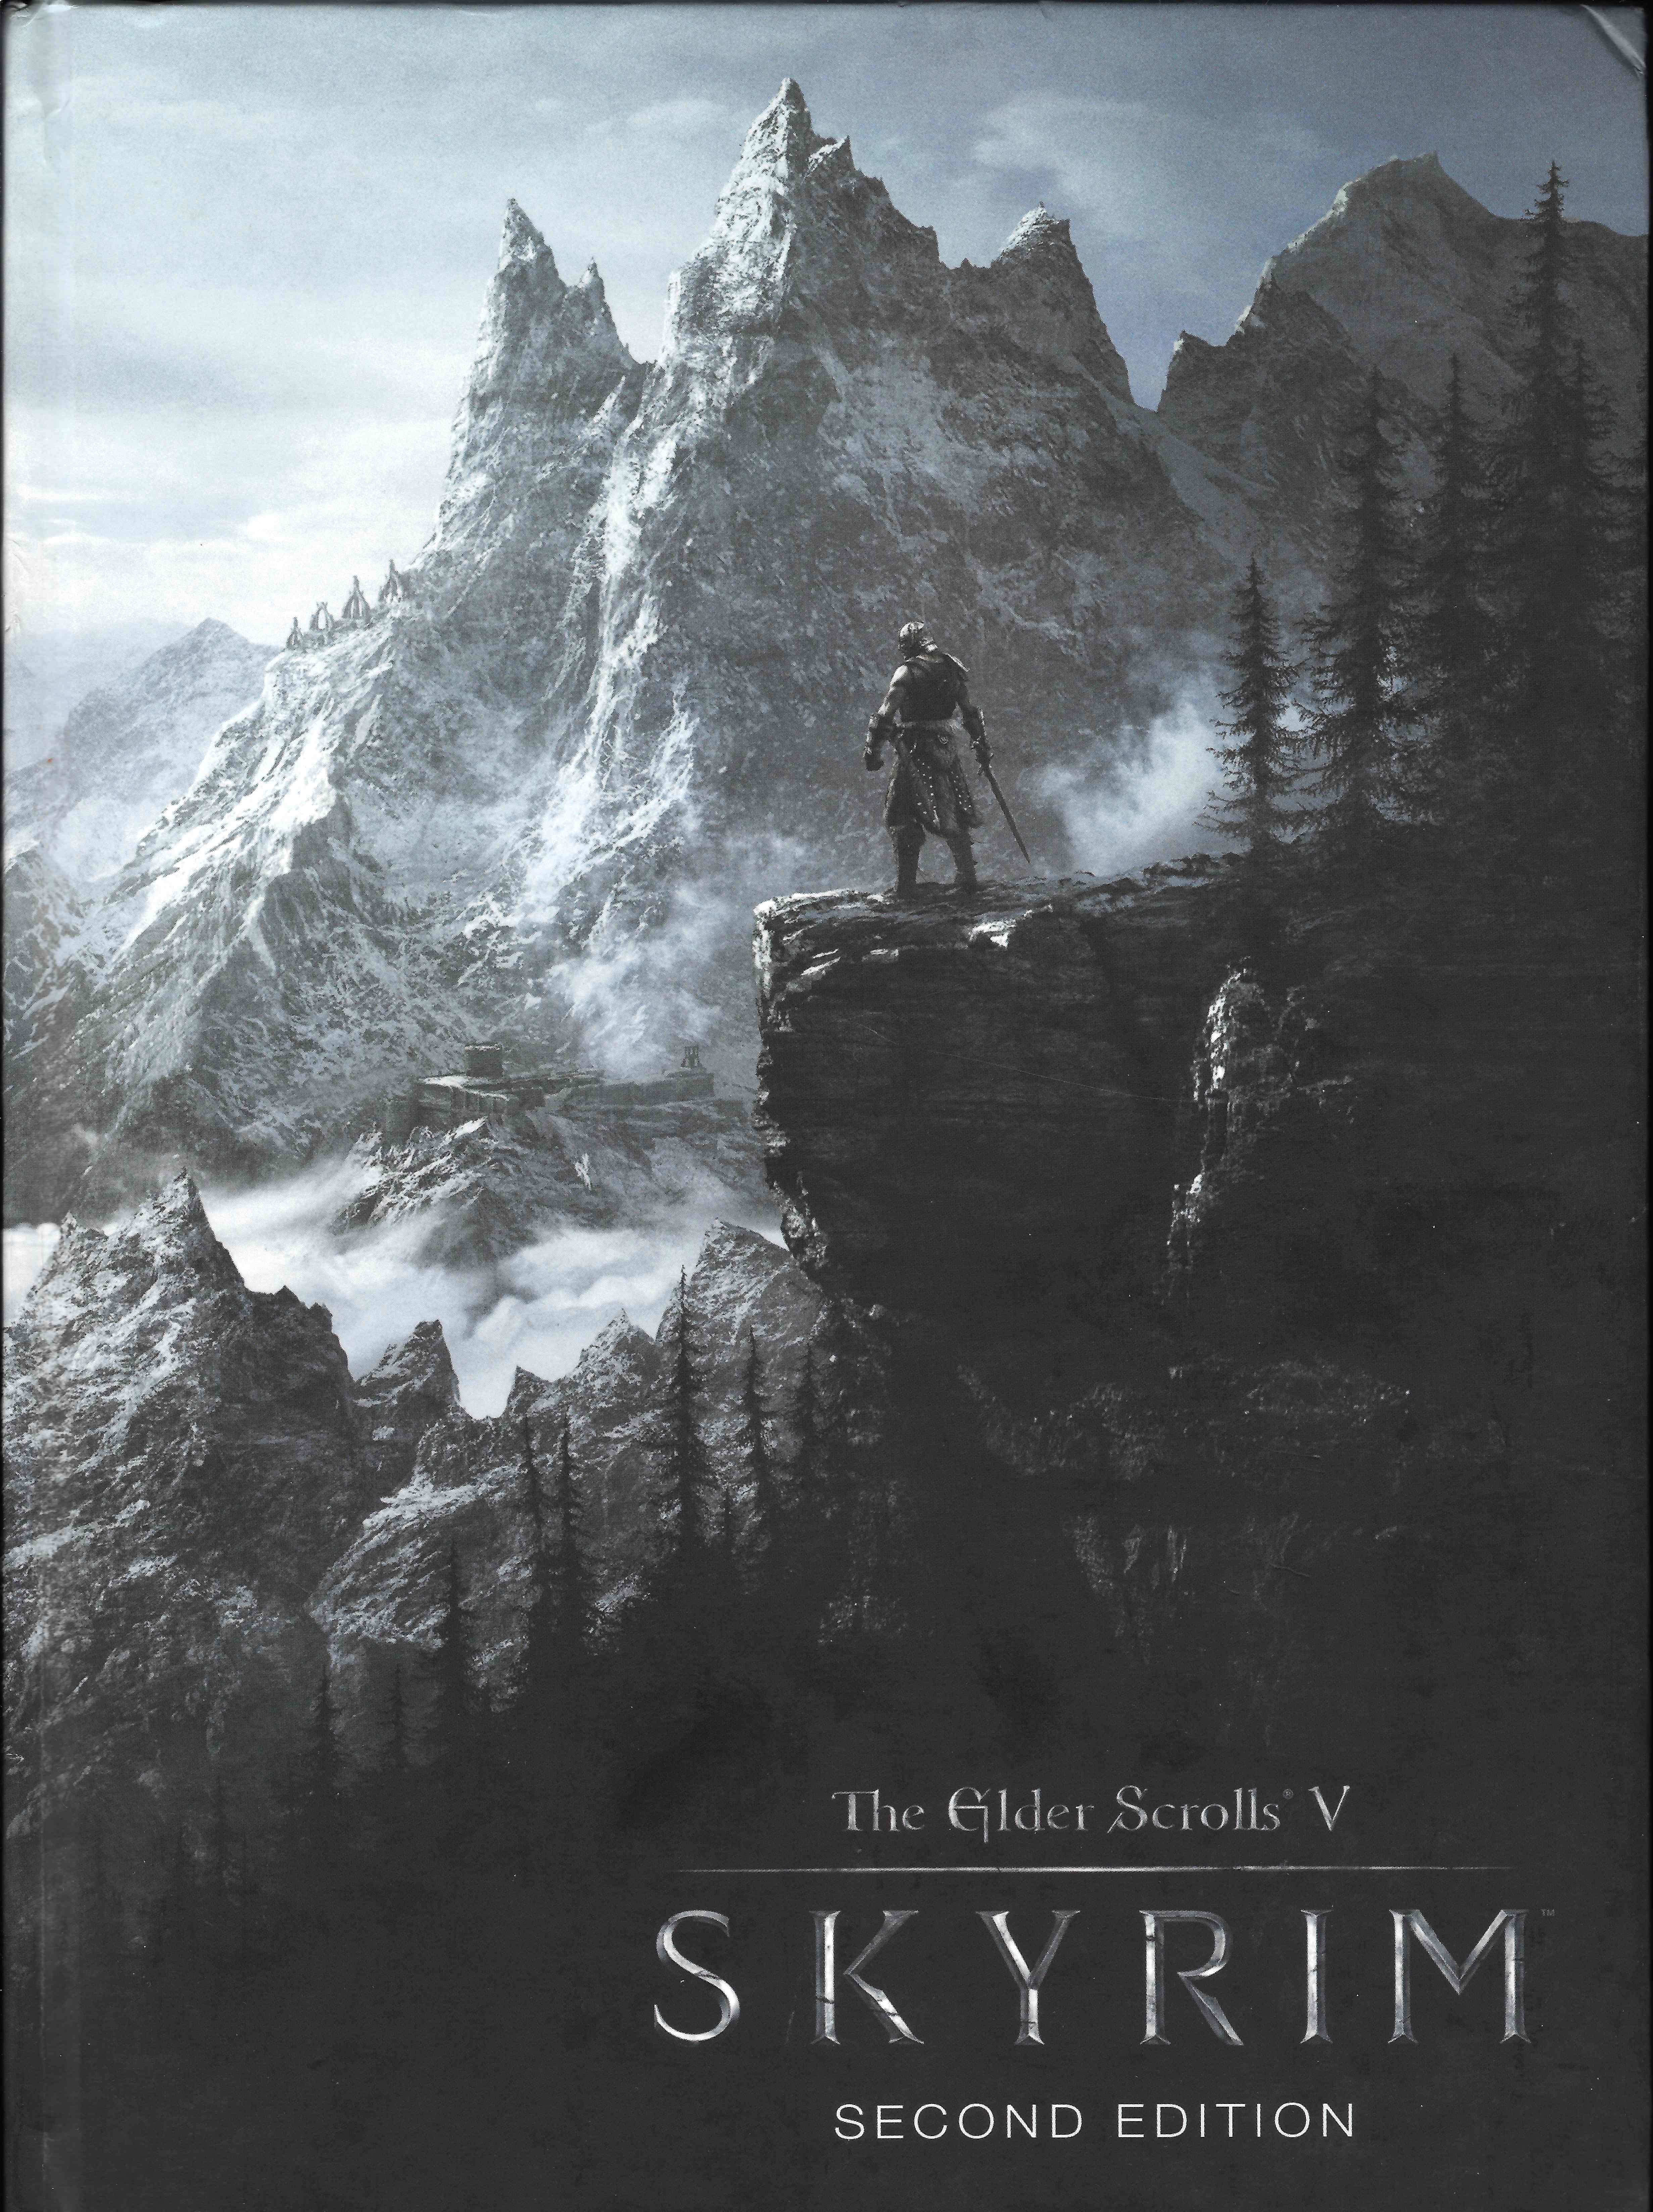 JAPAN The Elder Scrolls V Skyrim The Complete Guide Book